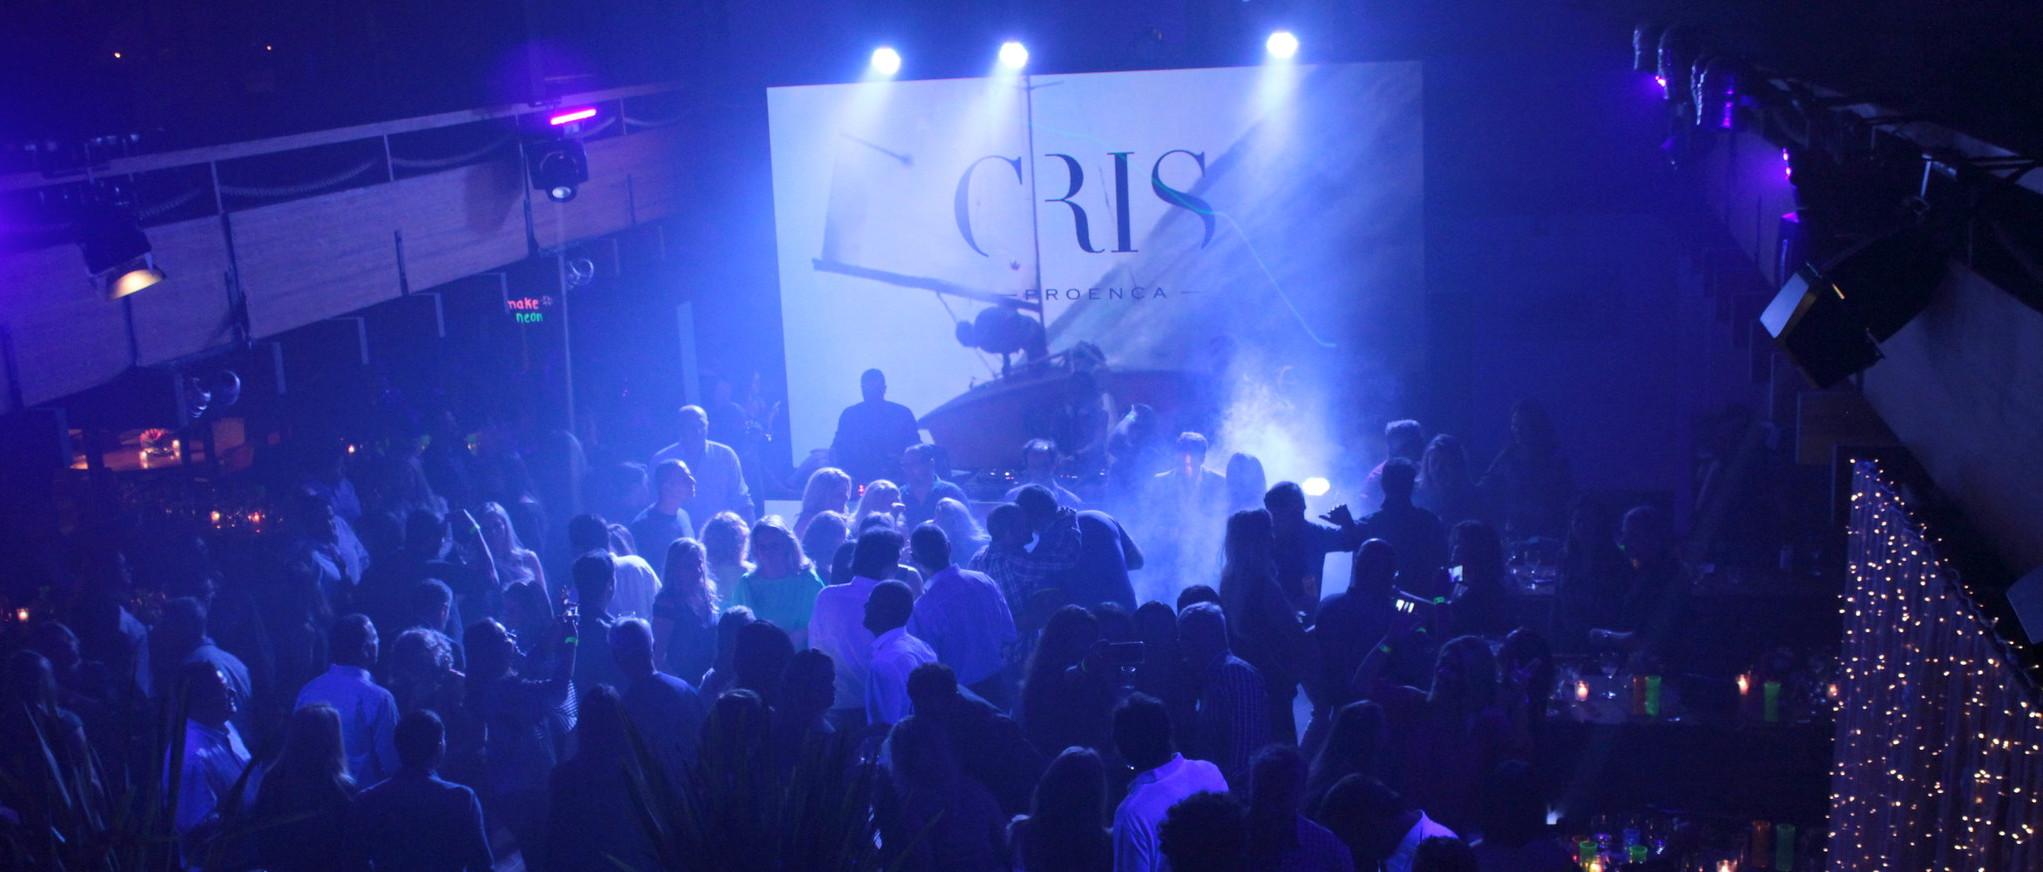 Num ritmo caliente, a Festa Vento Sul lotou o salão do Clube na noite de sábado